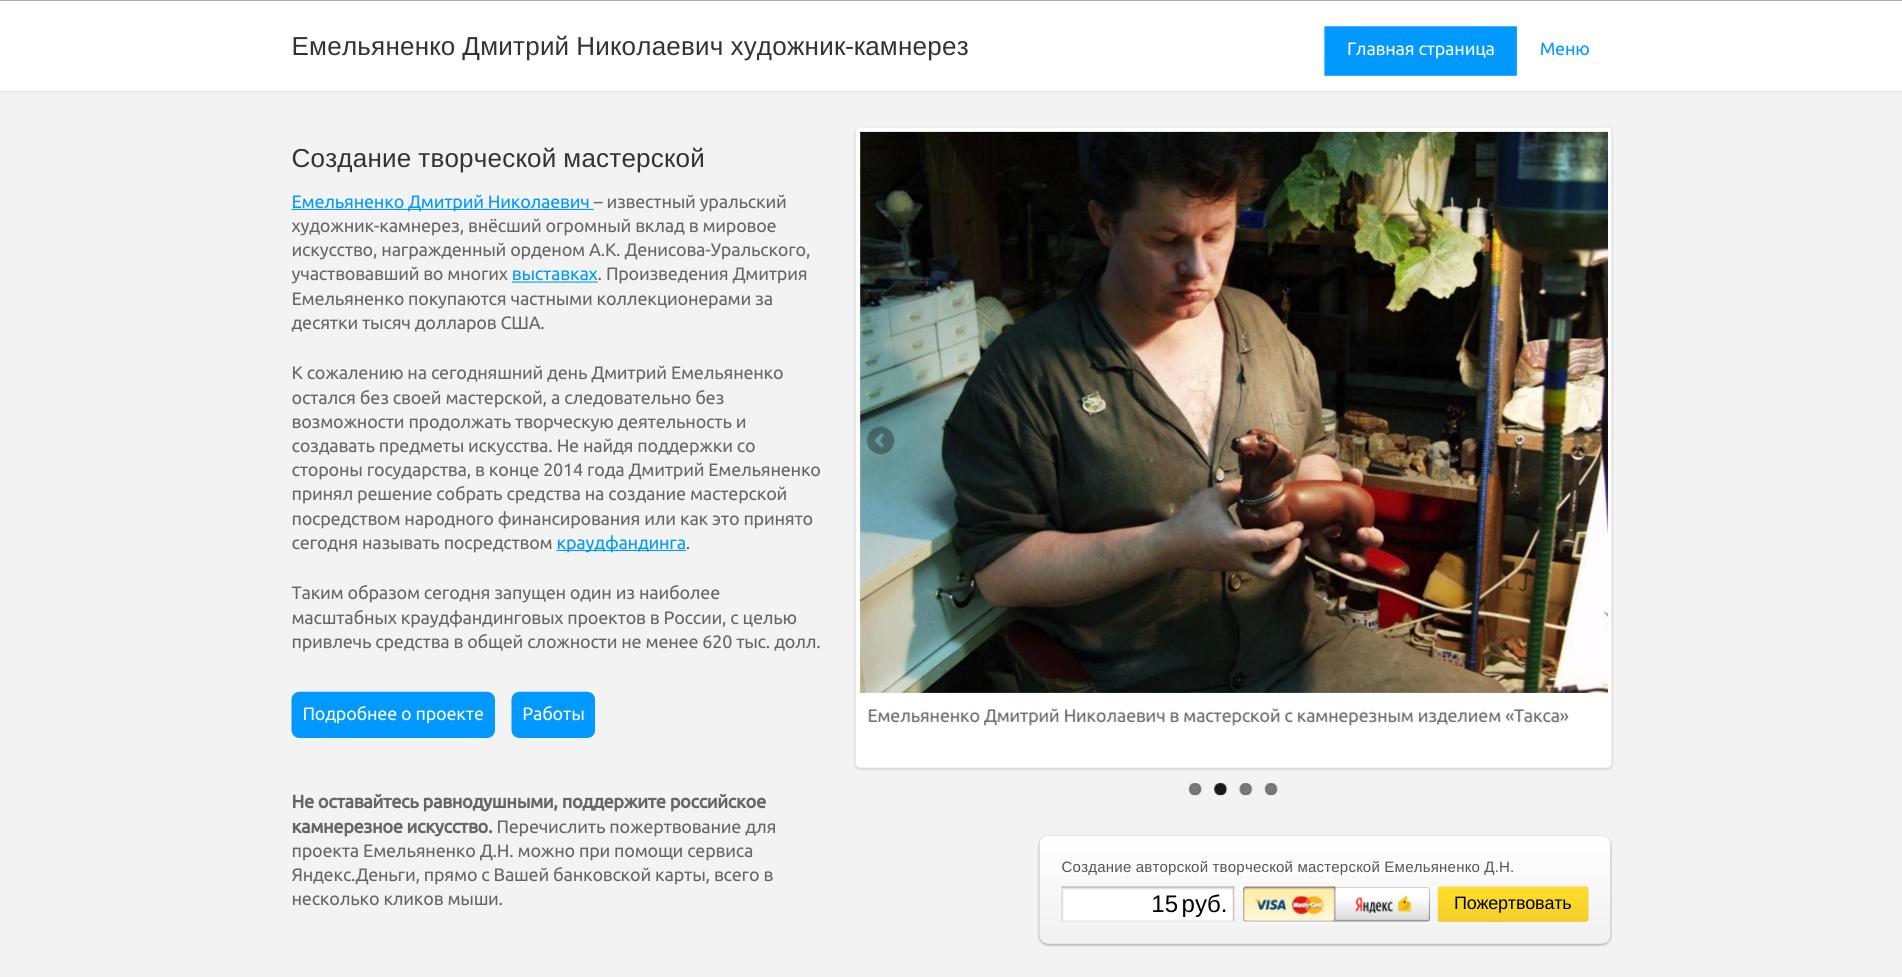 Официальный сайт художника-камнереза Дмитрия Емельяненко